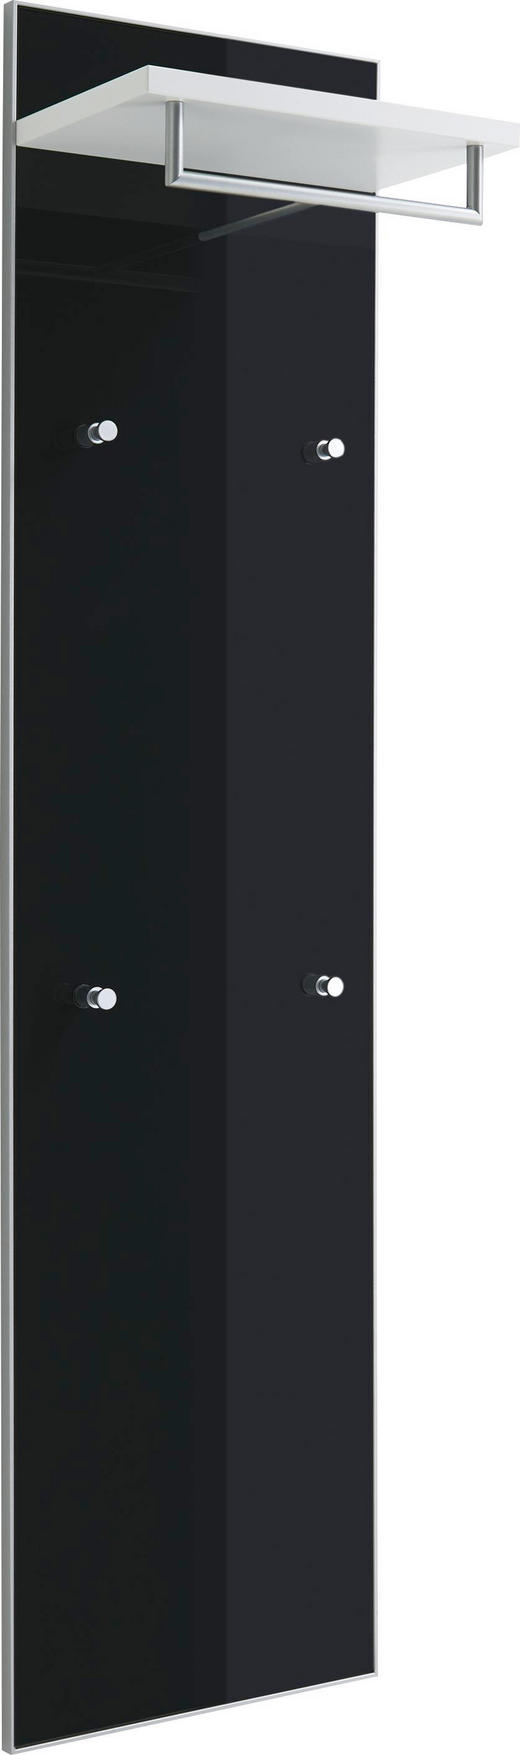 GARDEROBENPANEEL - Anthrazit/Weiß, Design, Glas/Holzwerkstoff (42/170/27cm) - Novel